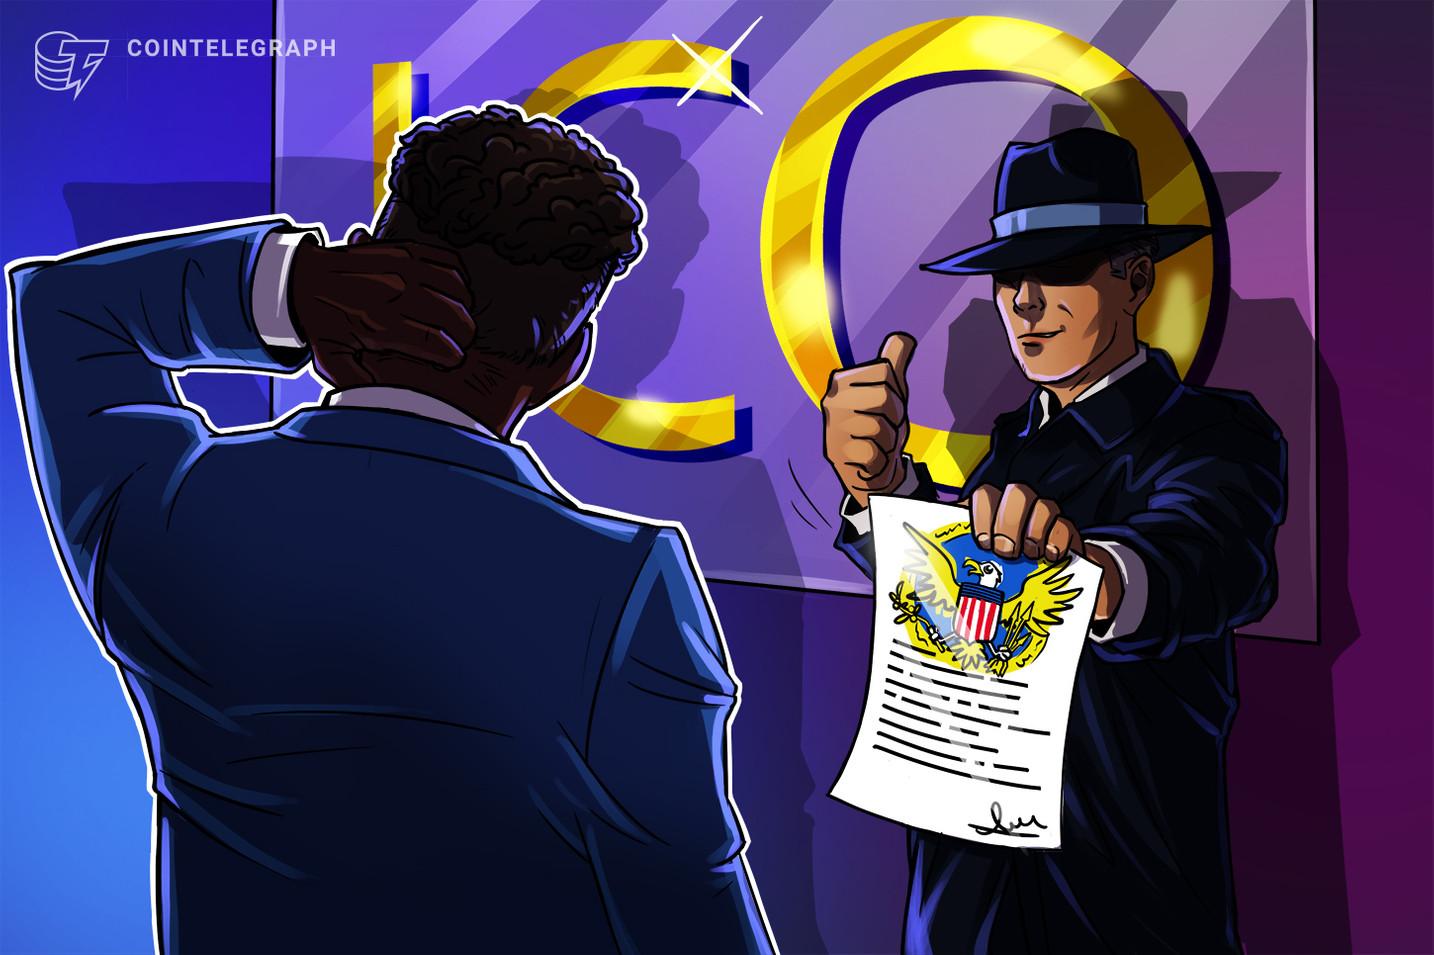 La SEC inflige une amende de 200 XNUMX $ à Coinschedule pour des notes ICO favorables et sponsorisées